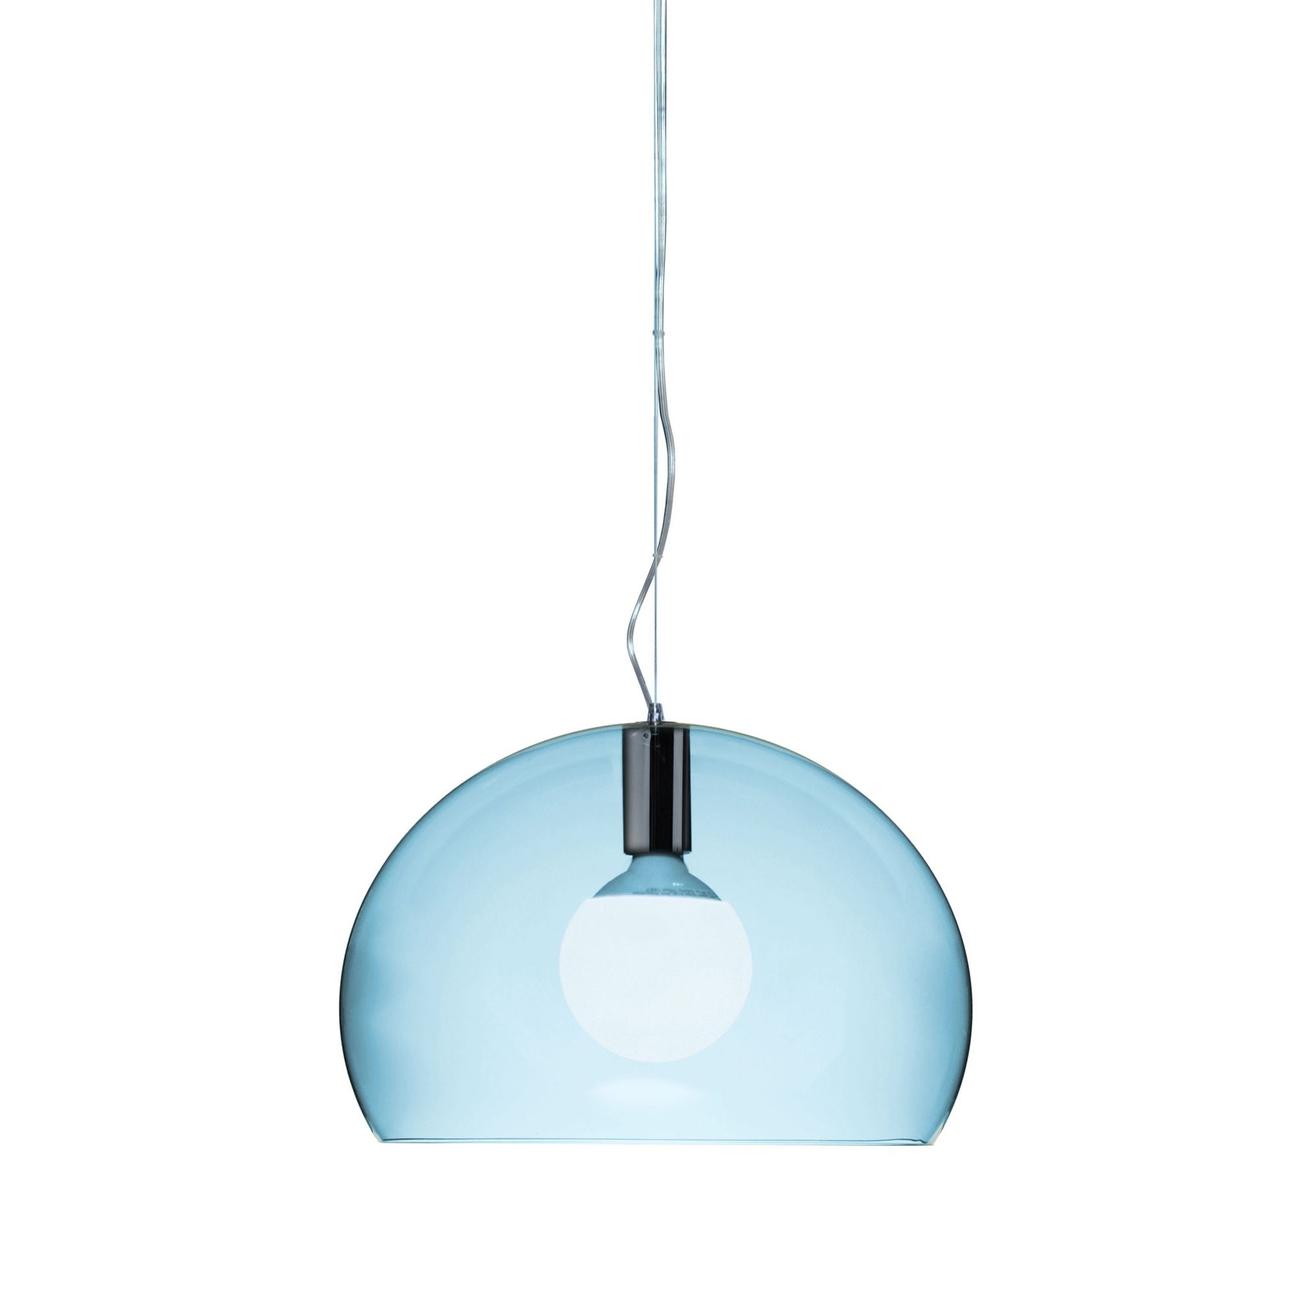 Kartell Small Fly hanglamp-Hemelsblauw